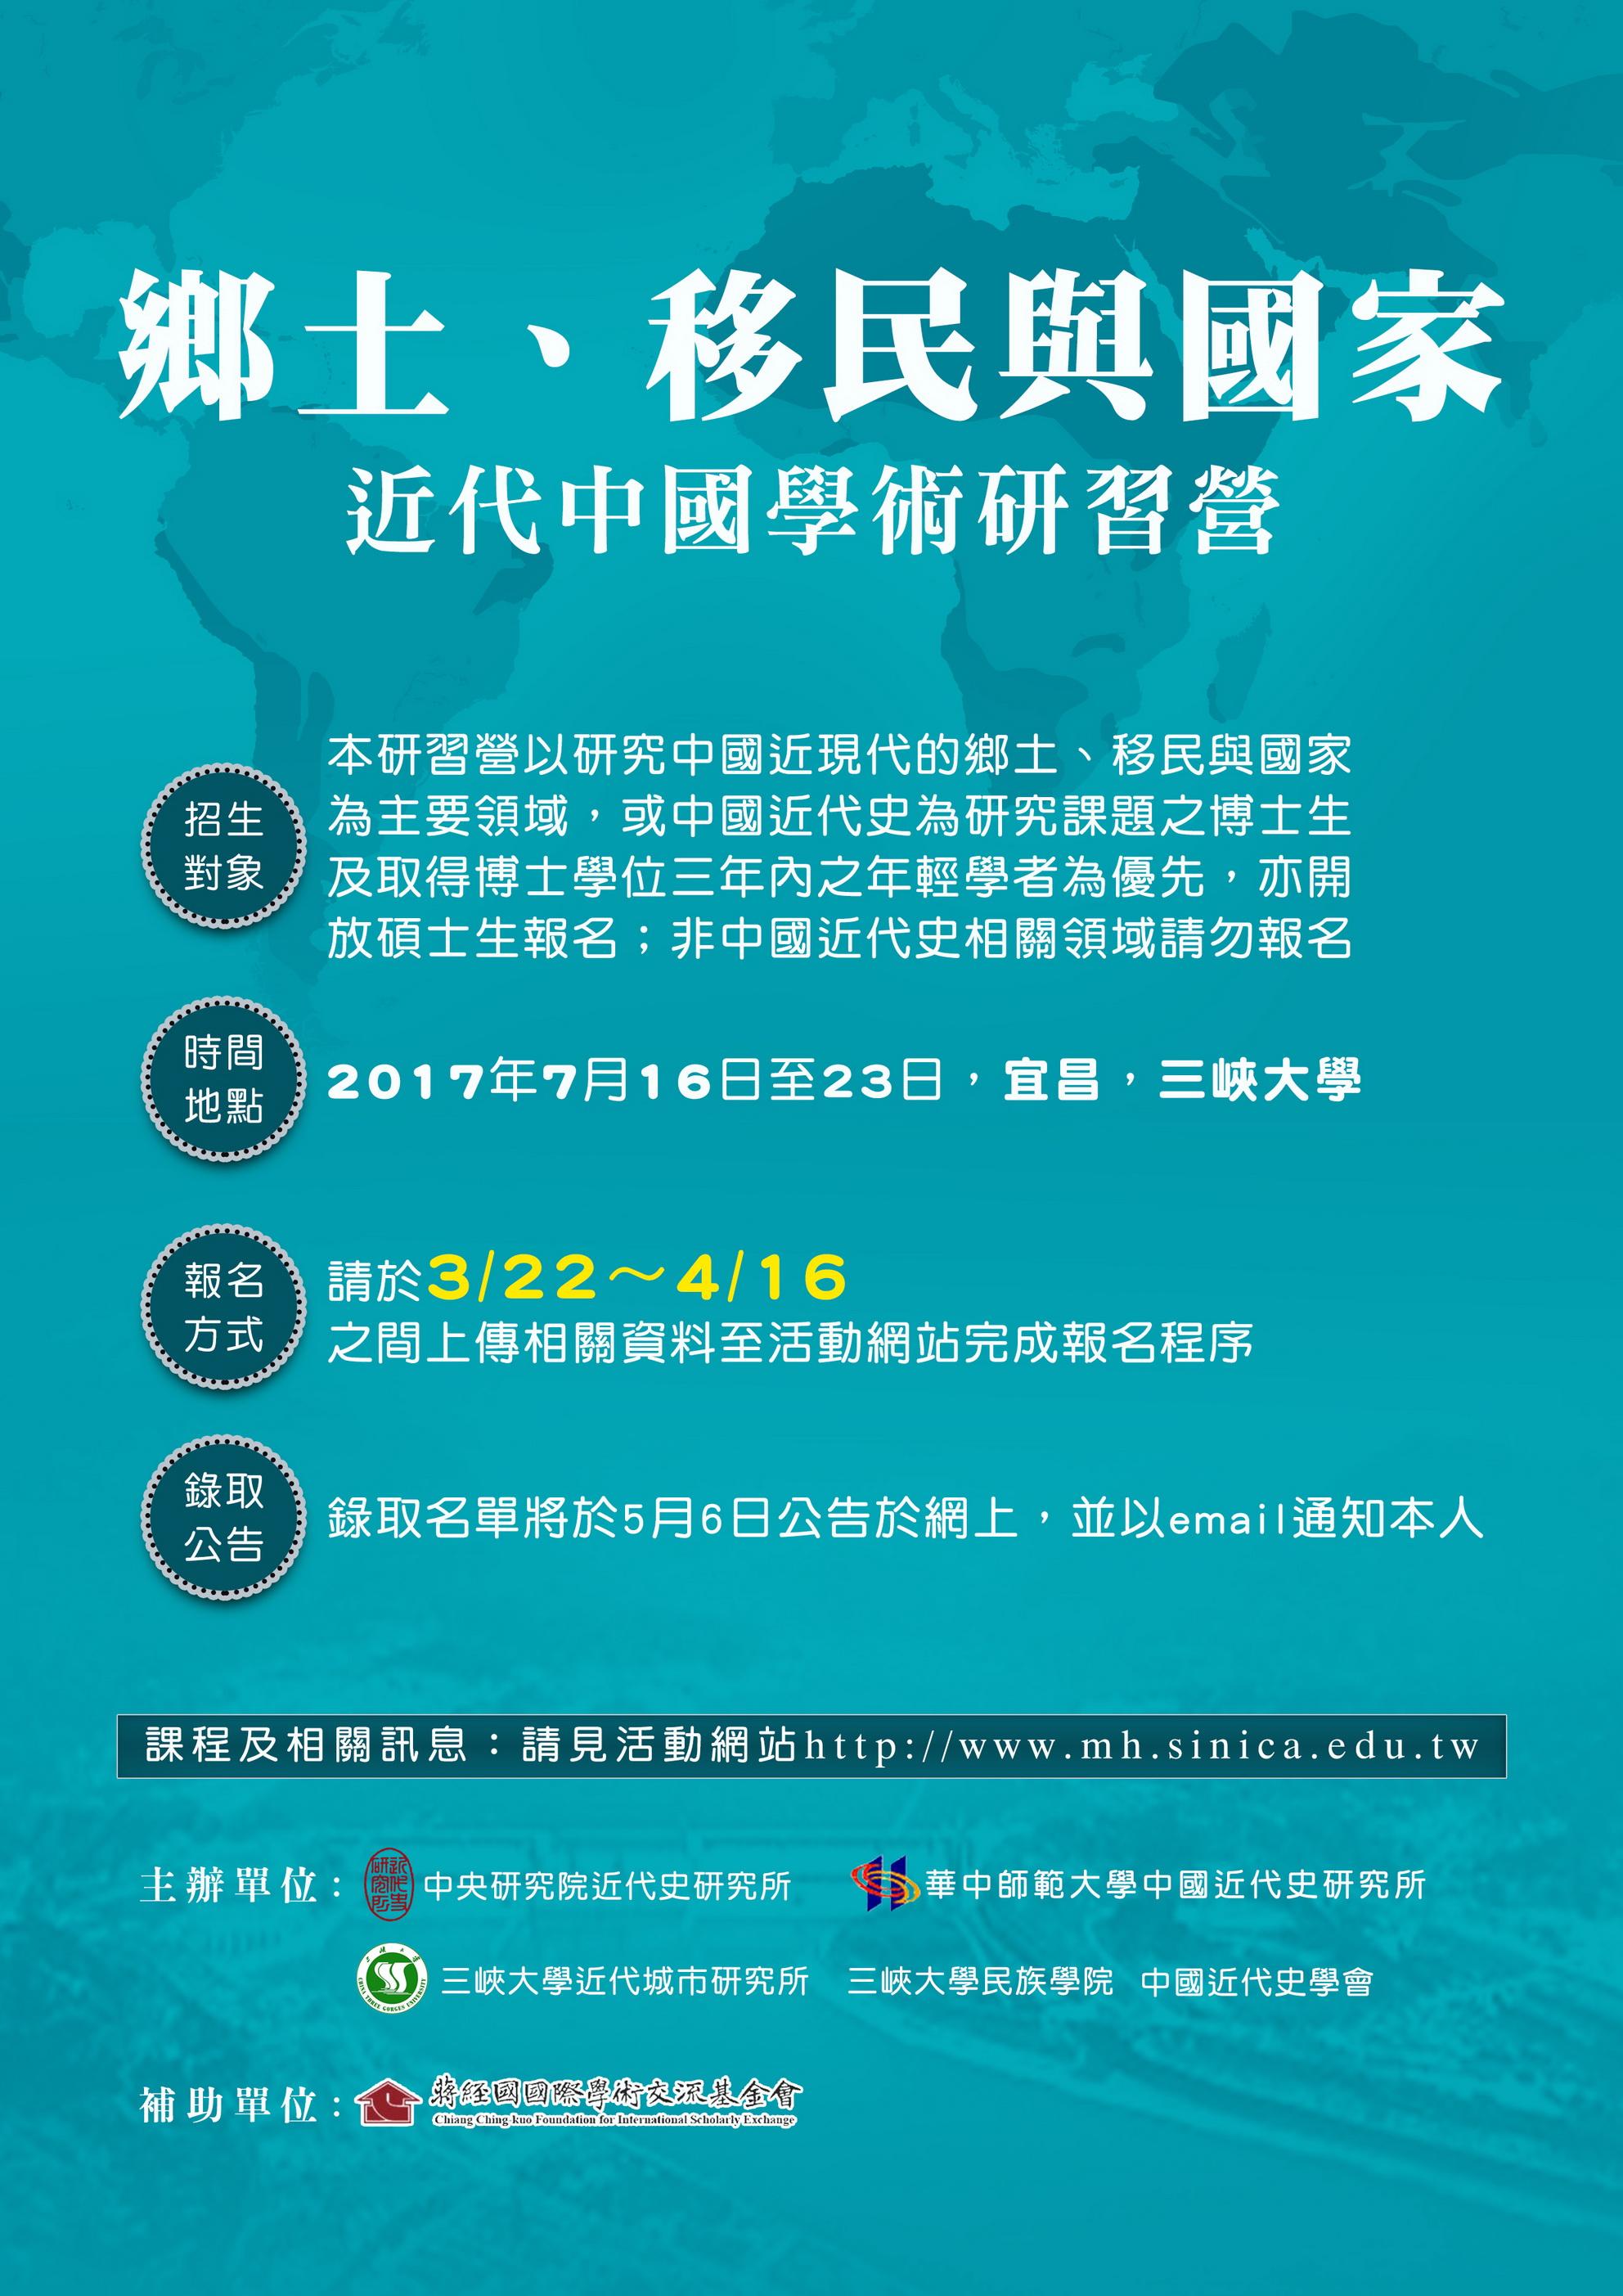 20170716第三屆民國史研習營:「鄉土、移民與國家」海報